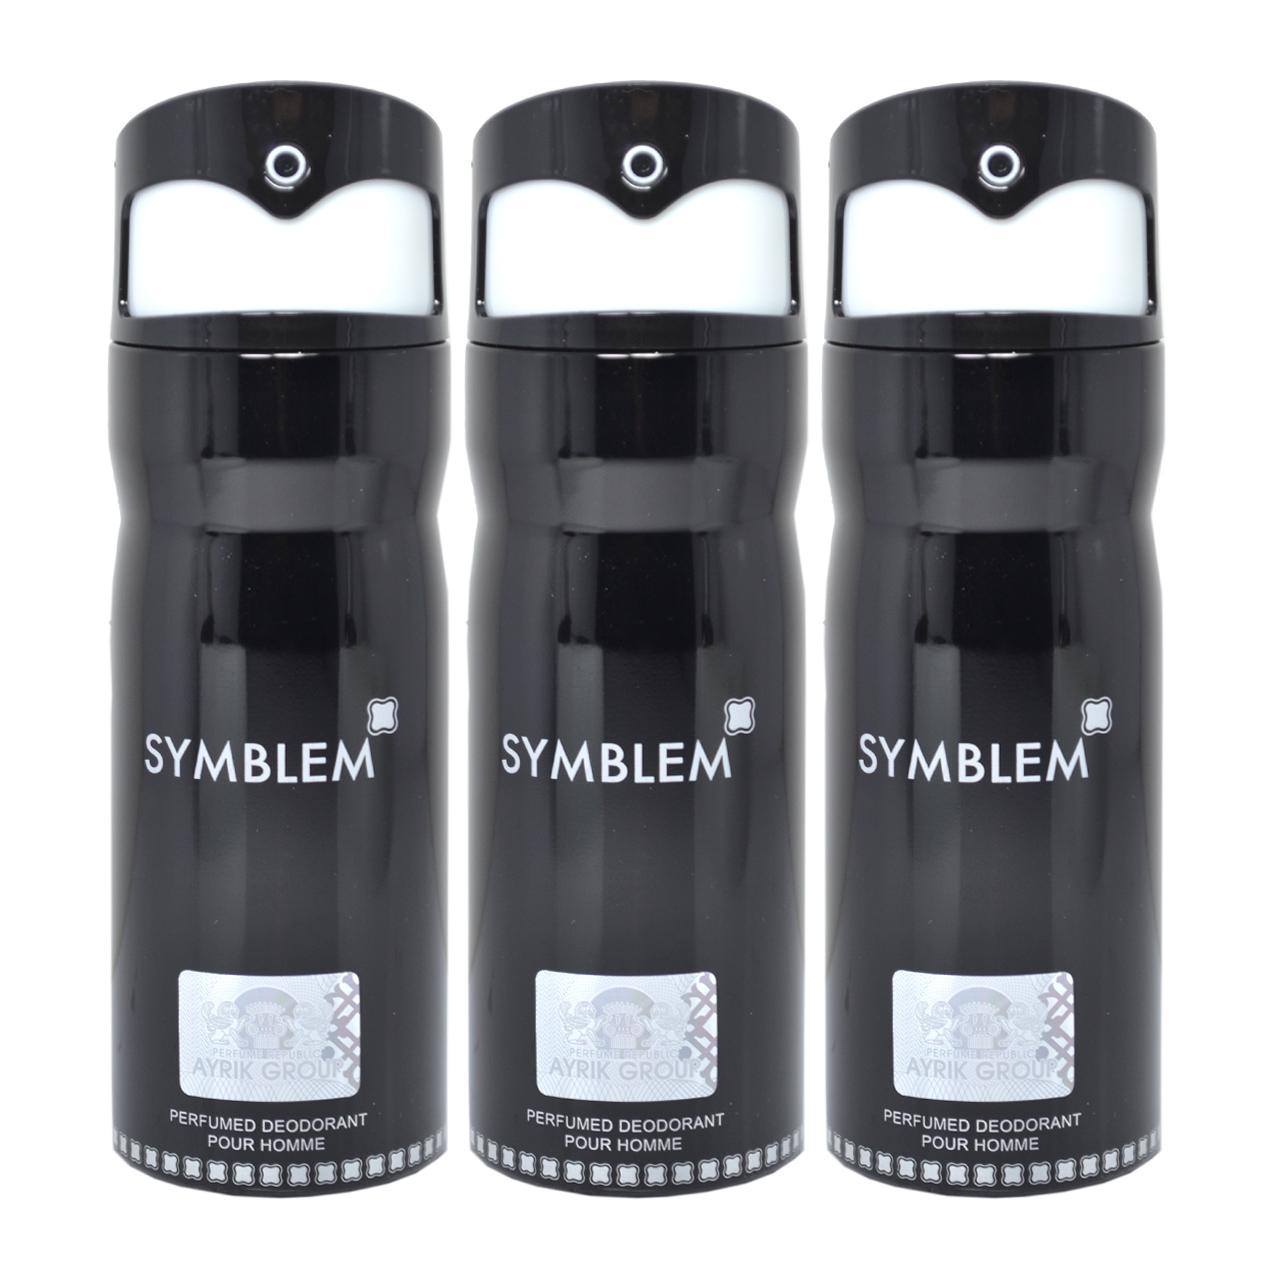 اسپری خوشبو کننده بدن مردانه مای پرفیومز مدل Symblem حجم 150 میلی لیتر مجموعه 3 عددی